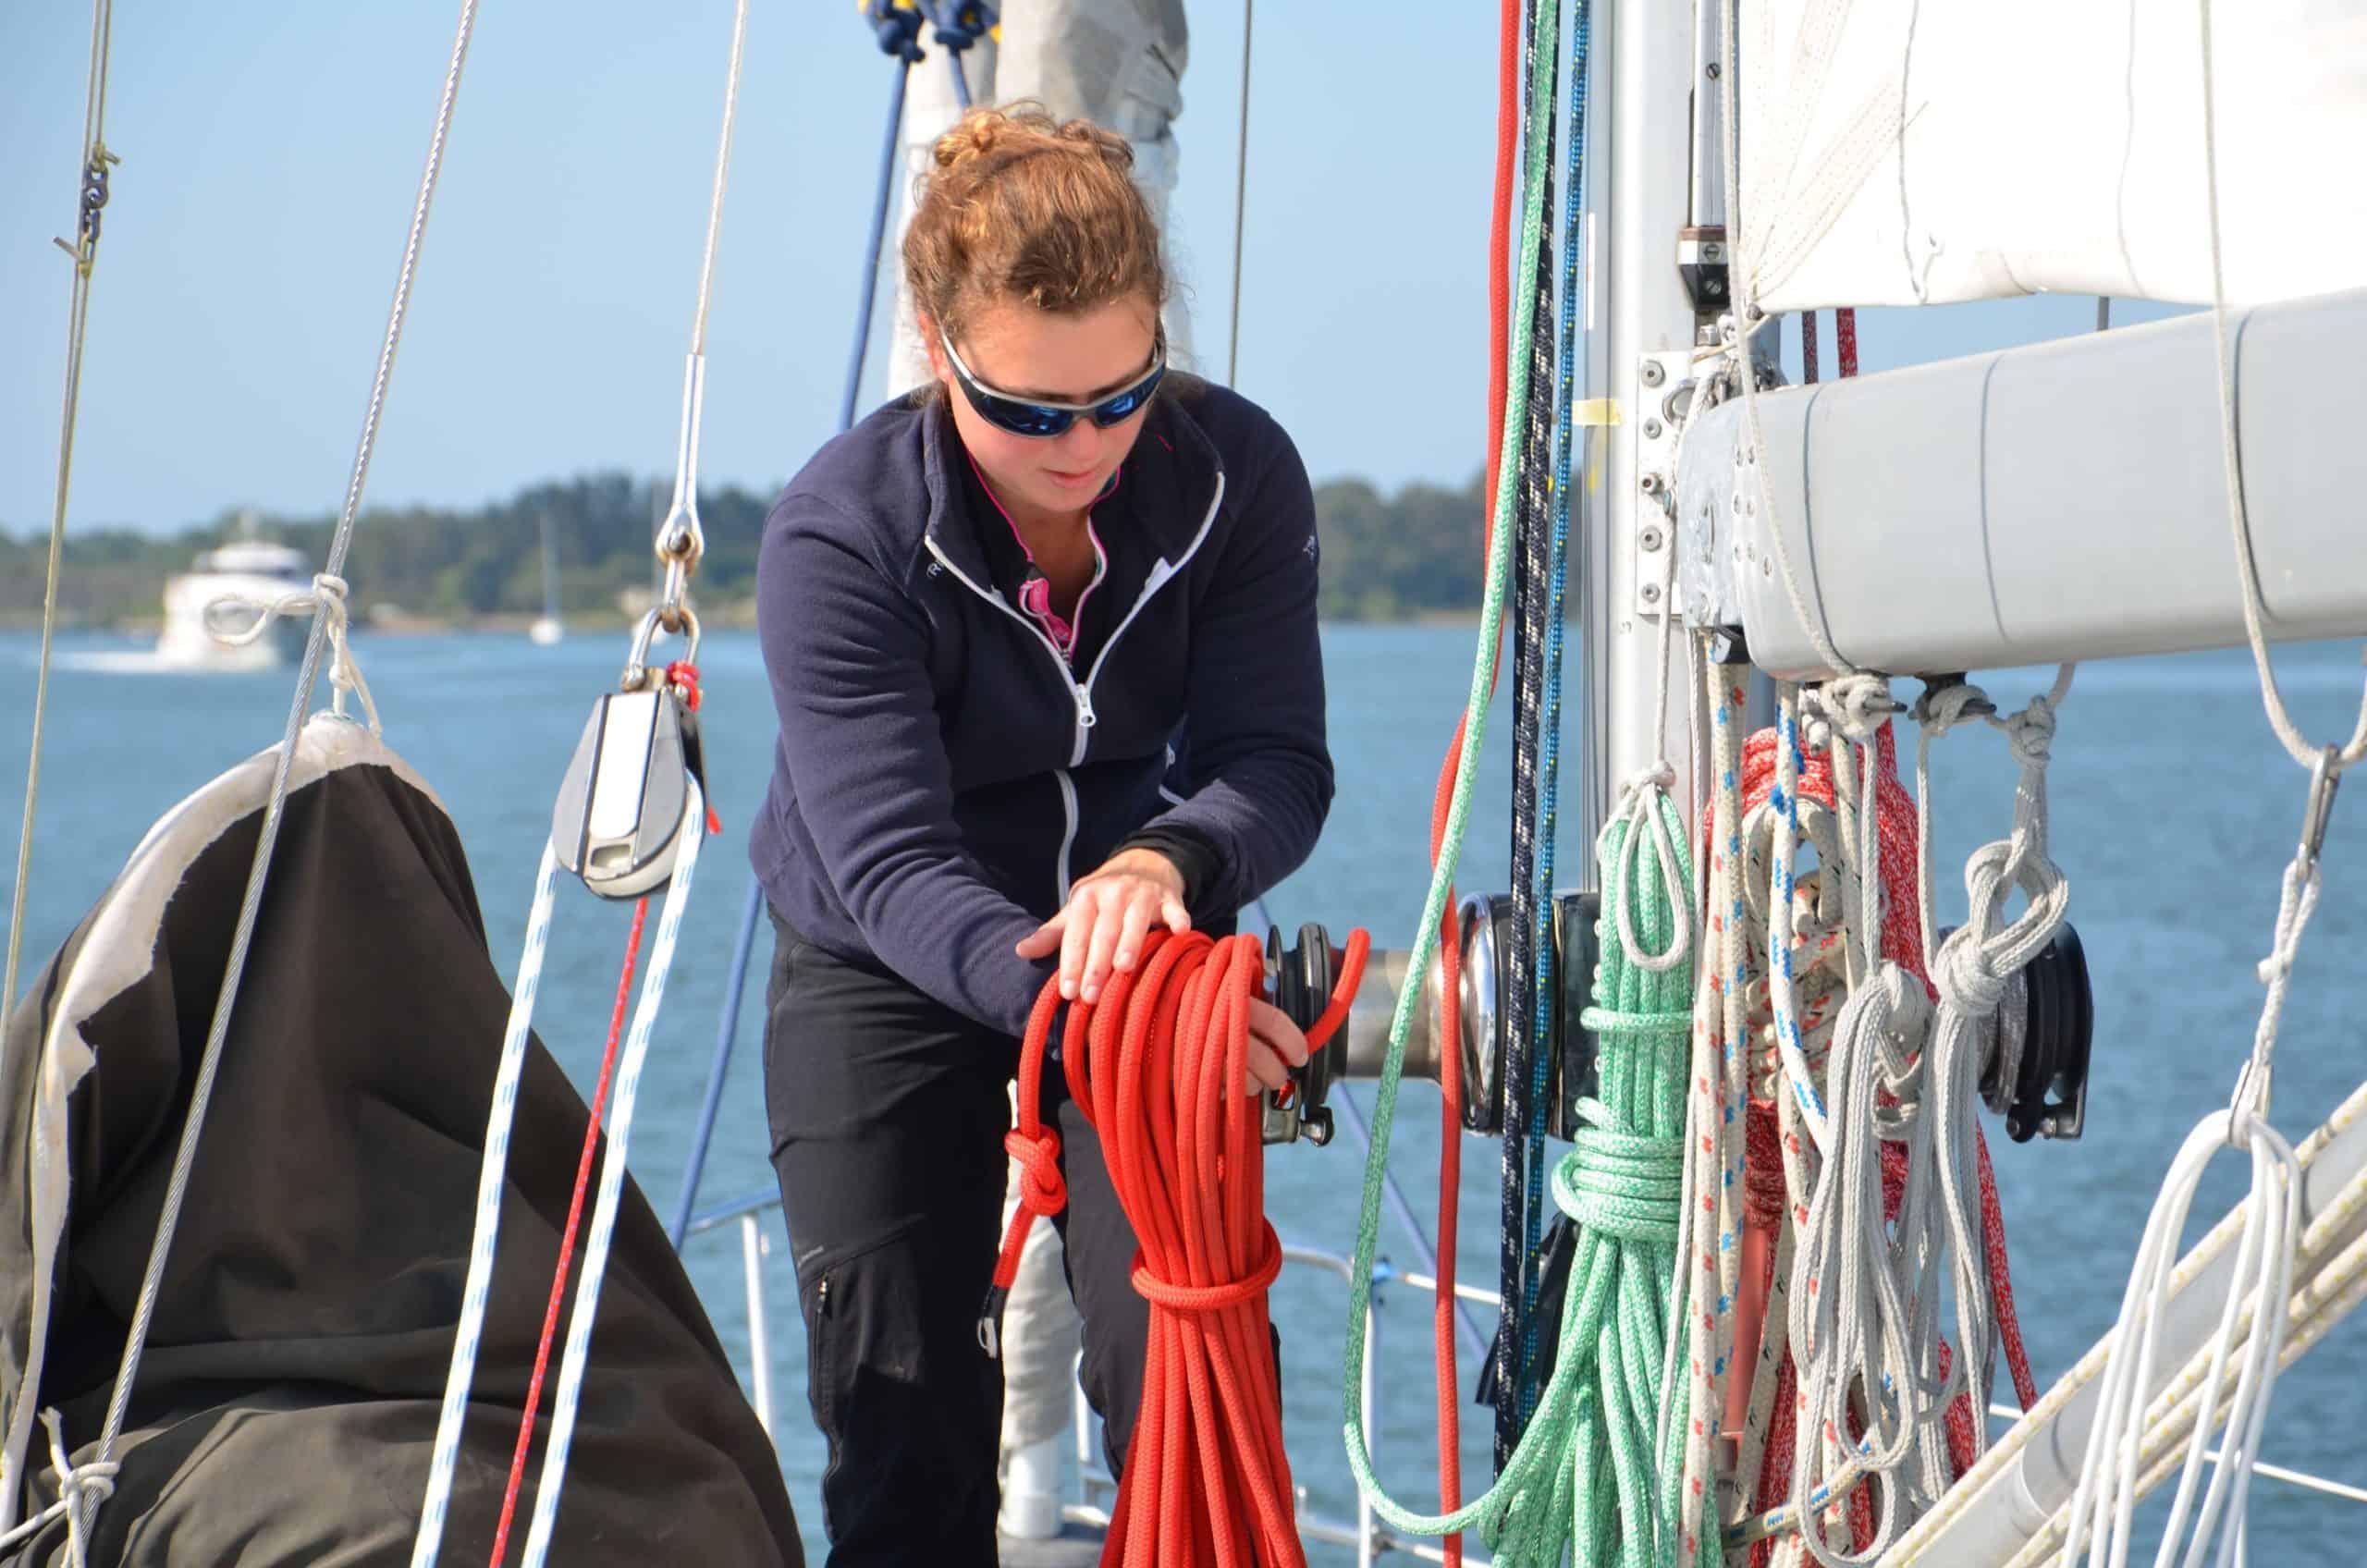 Bretagne-Sailing-Experience-ecole-de-croisiere